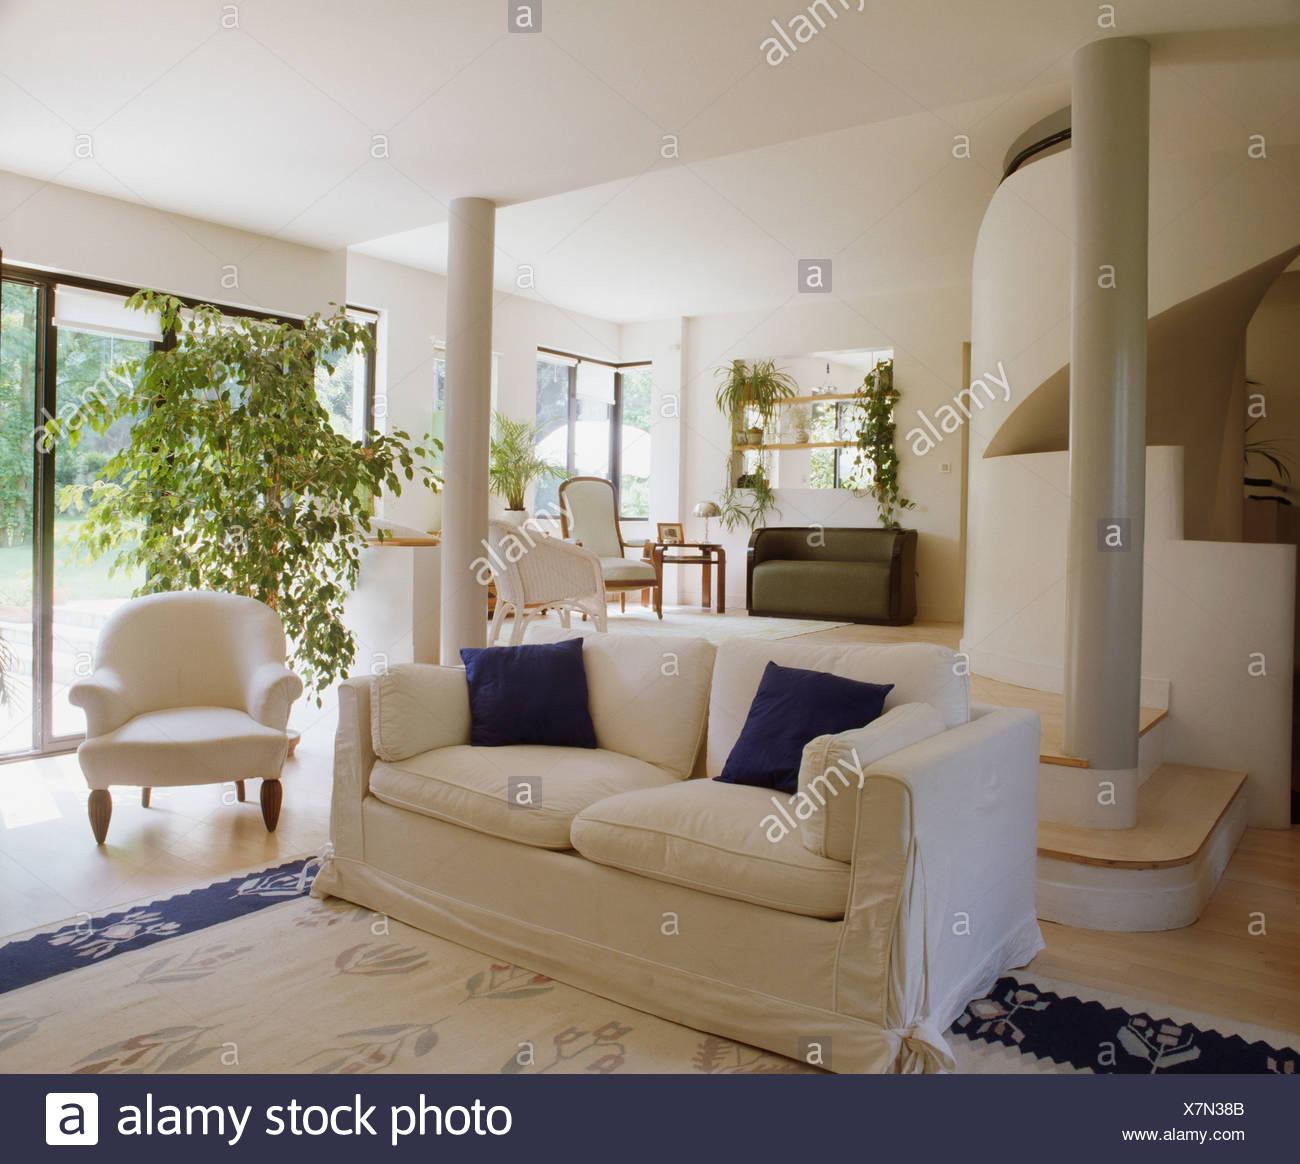 Weissen Losen Deckel Auf Sofa Im Modernen Offenen Wohnzimmer Mit